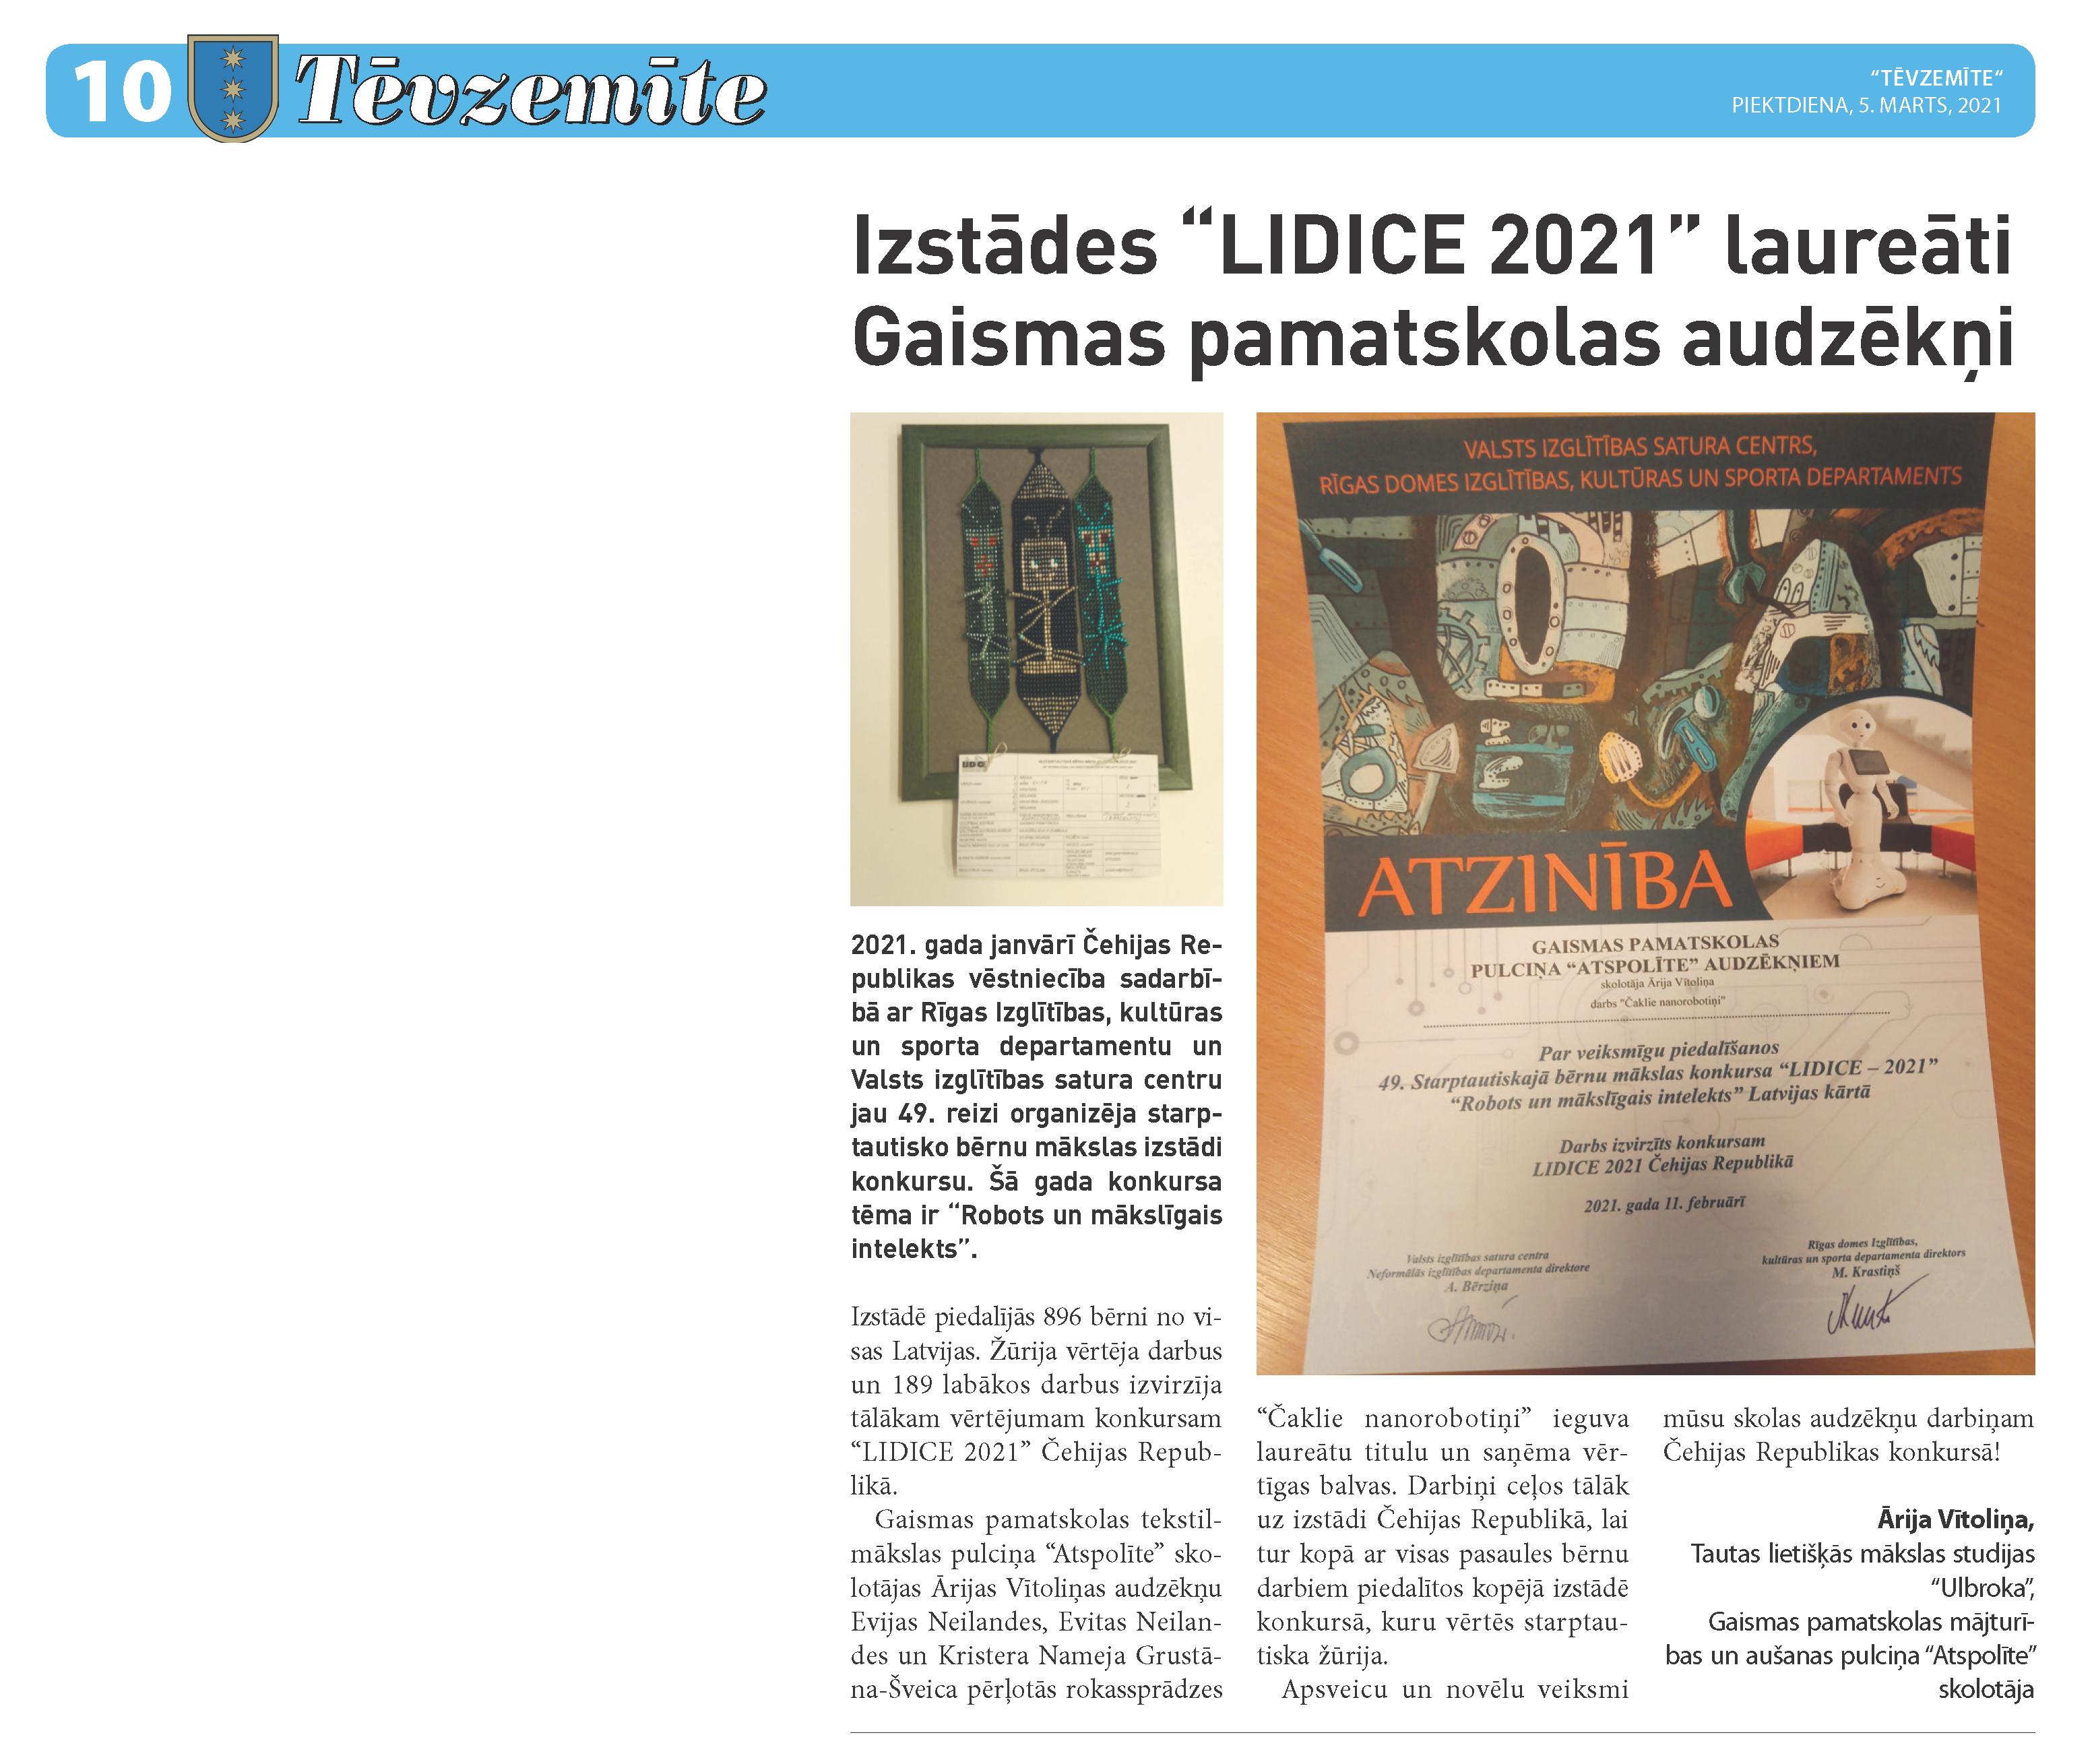 """Izstādes """"LIDICE 2021"""" laureāti Gaismas pamatskolas audzēkņi"""""""